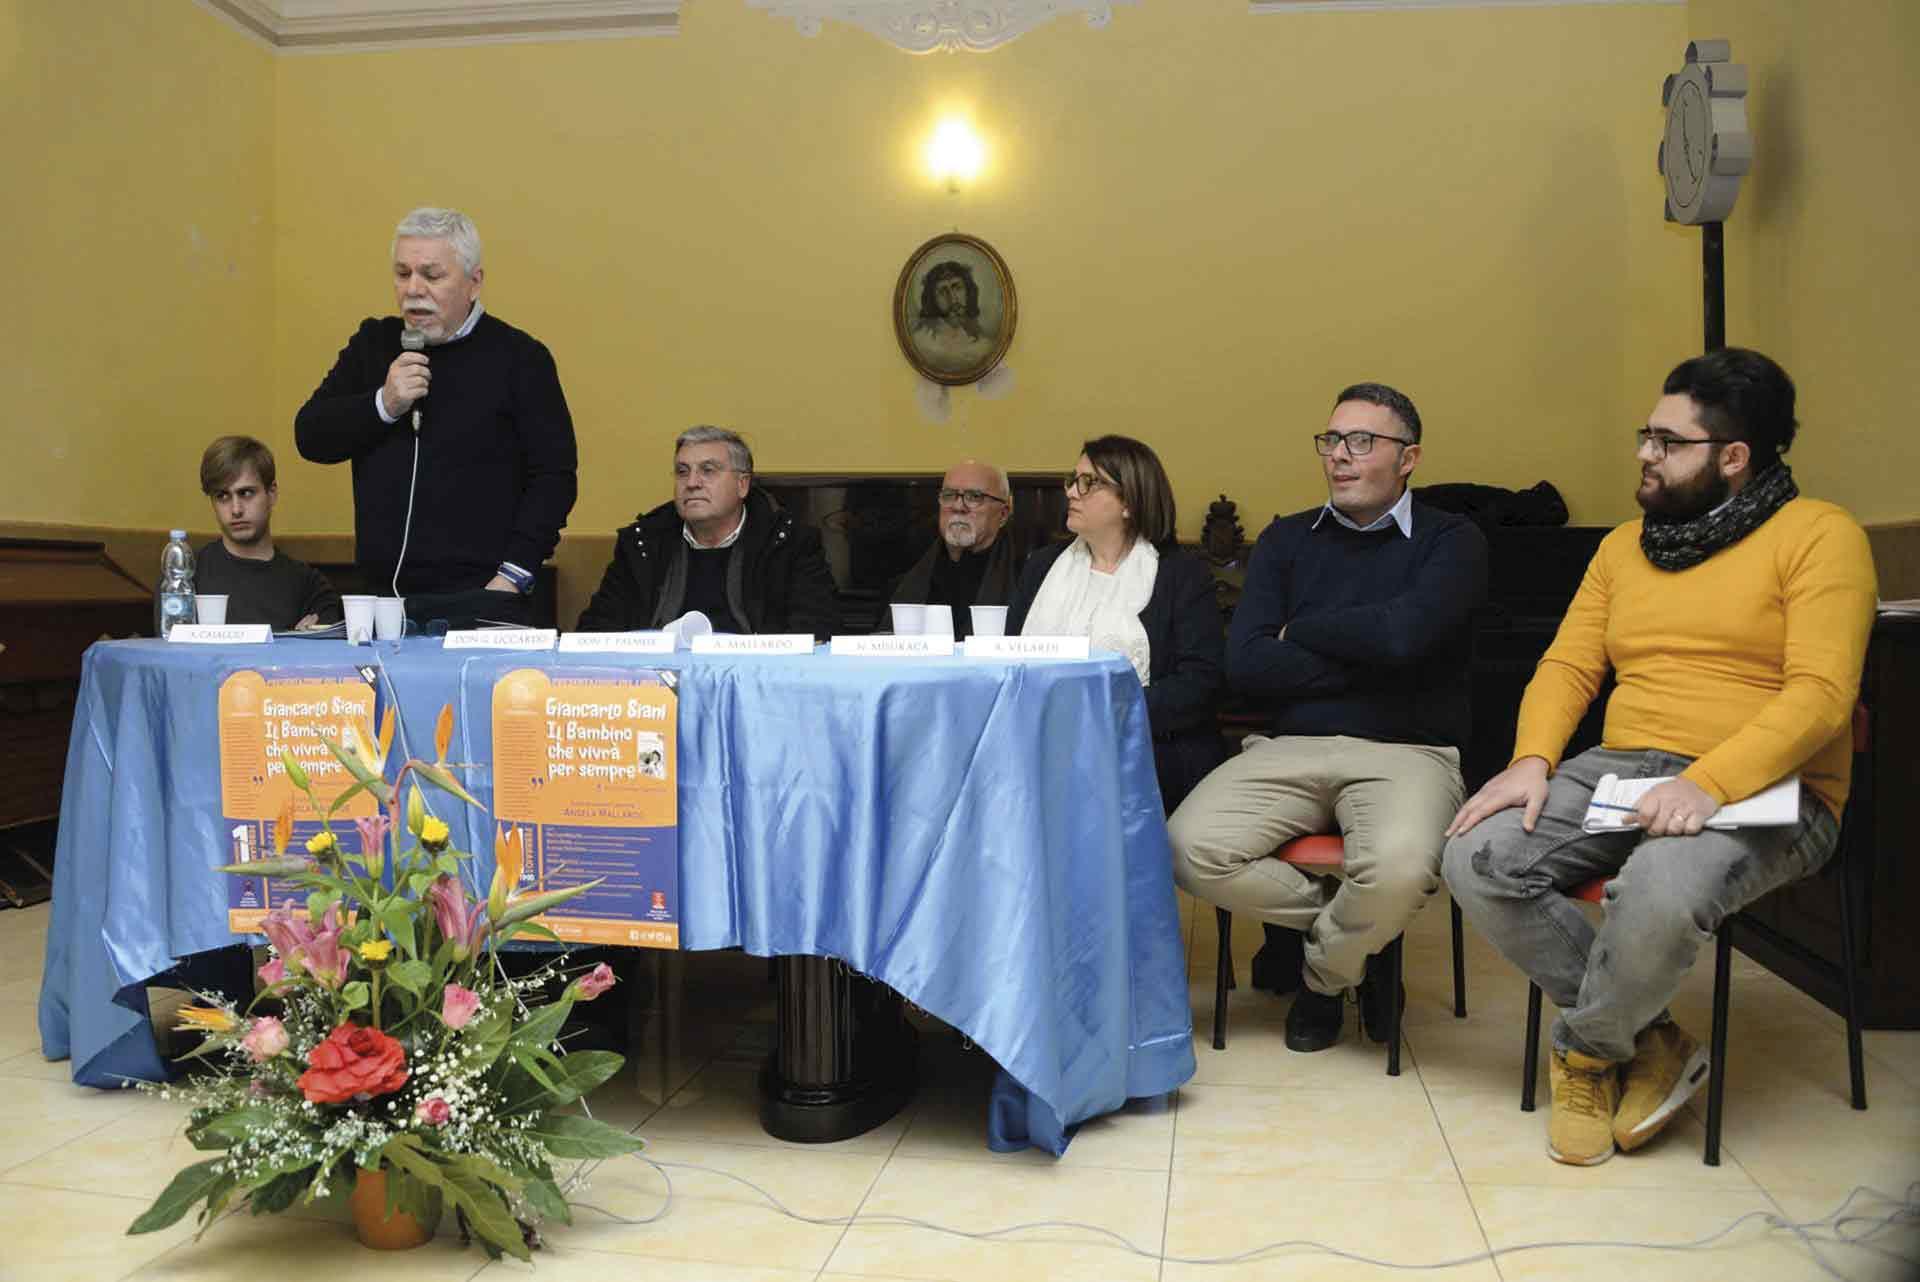 informareonline-presentazione-libro-giancarlo-siani